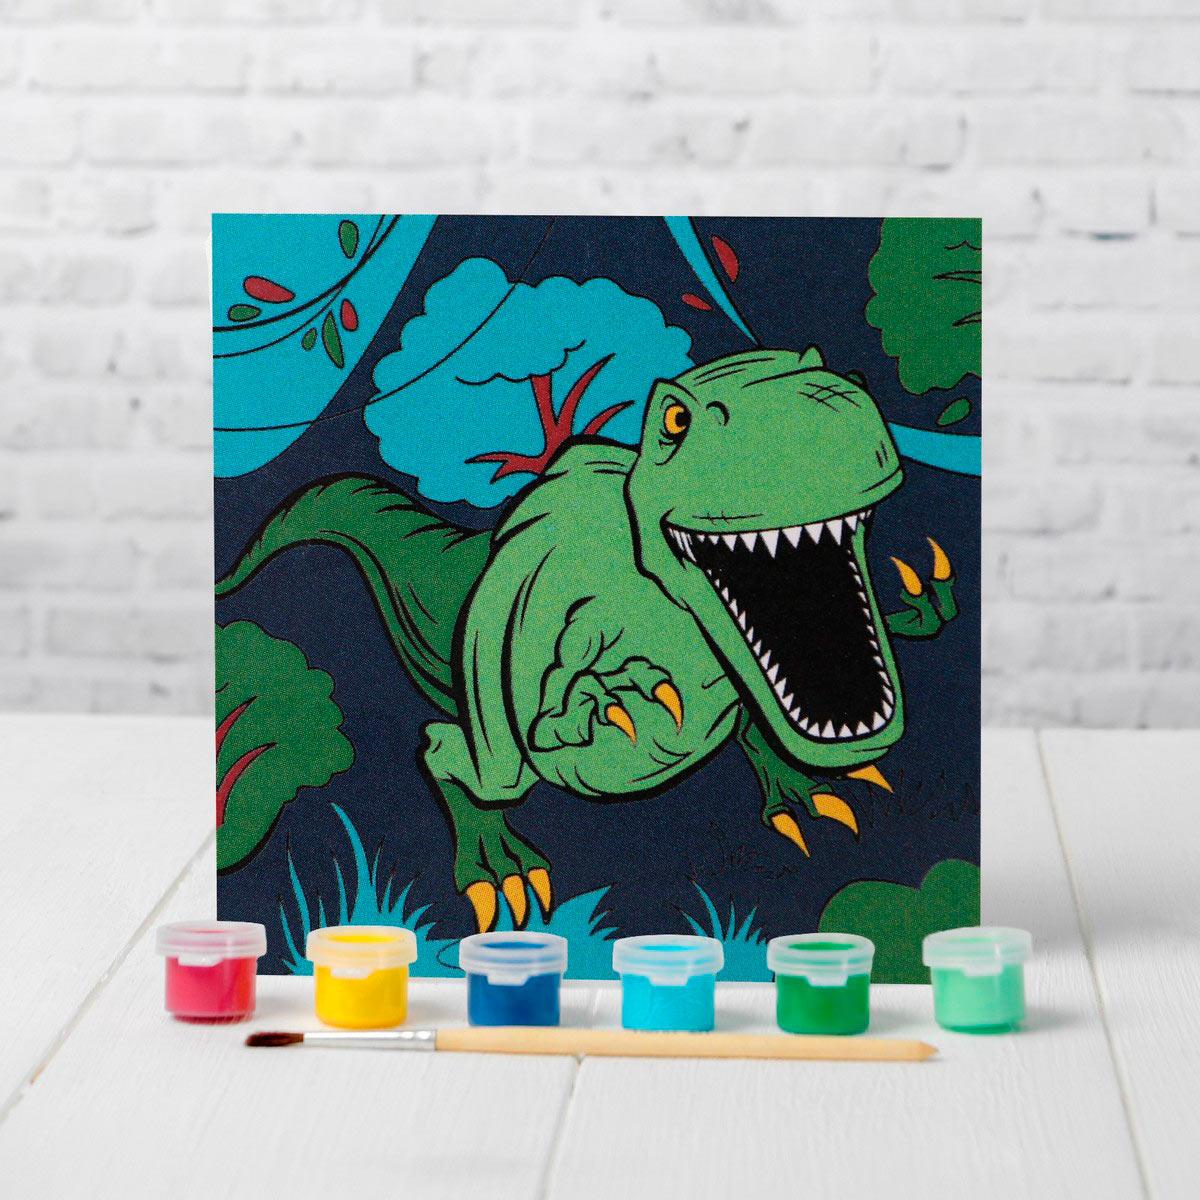 4719043 Картина по номерам 'Динозавр в джунгля*' 15*15 см